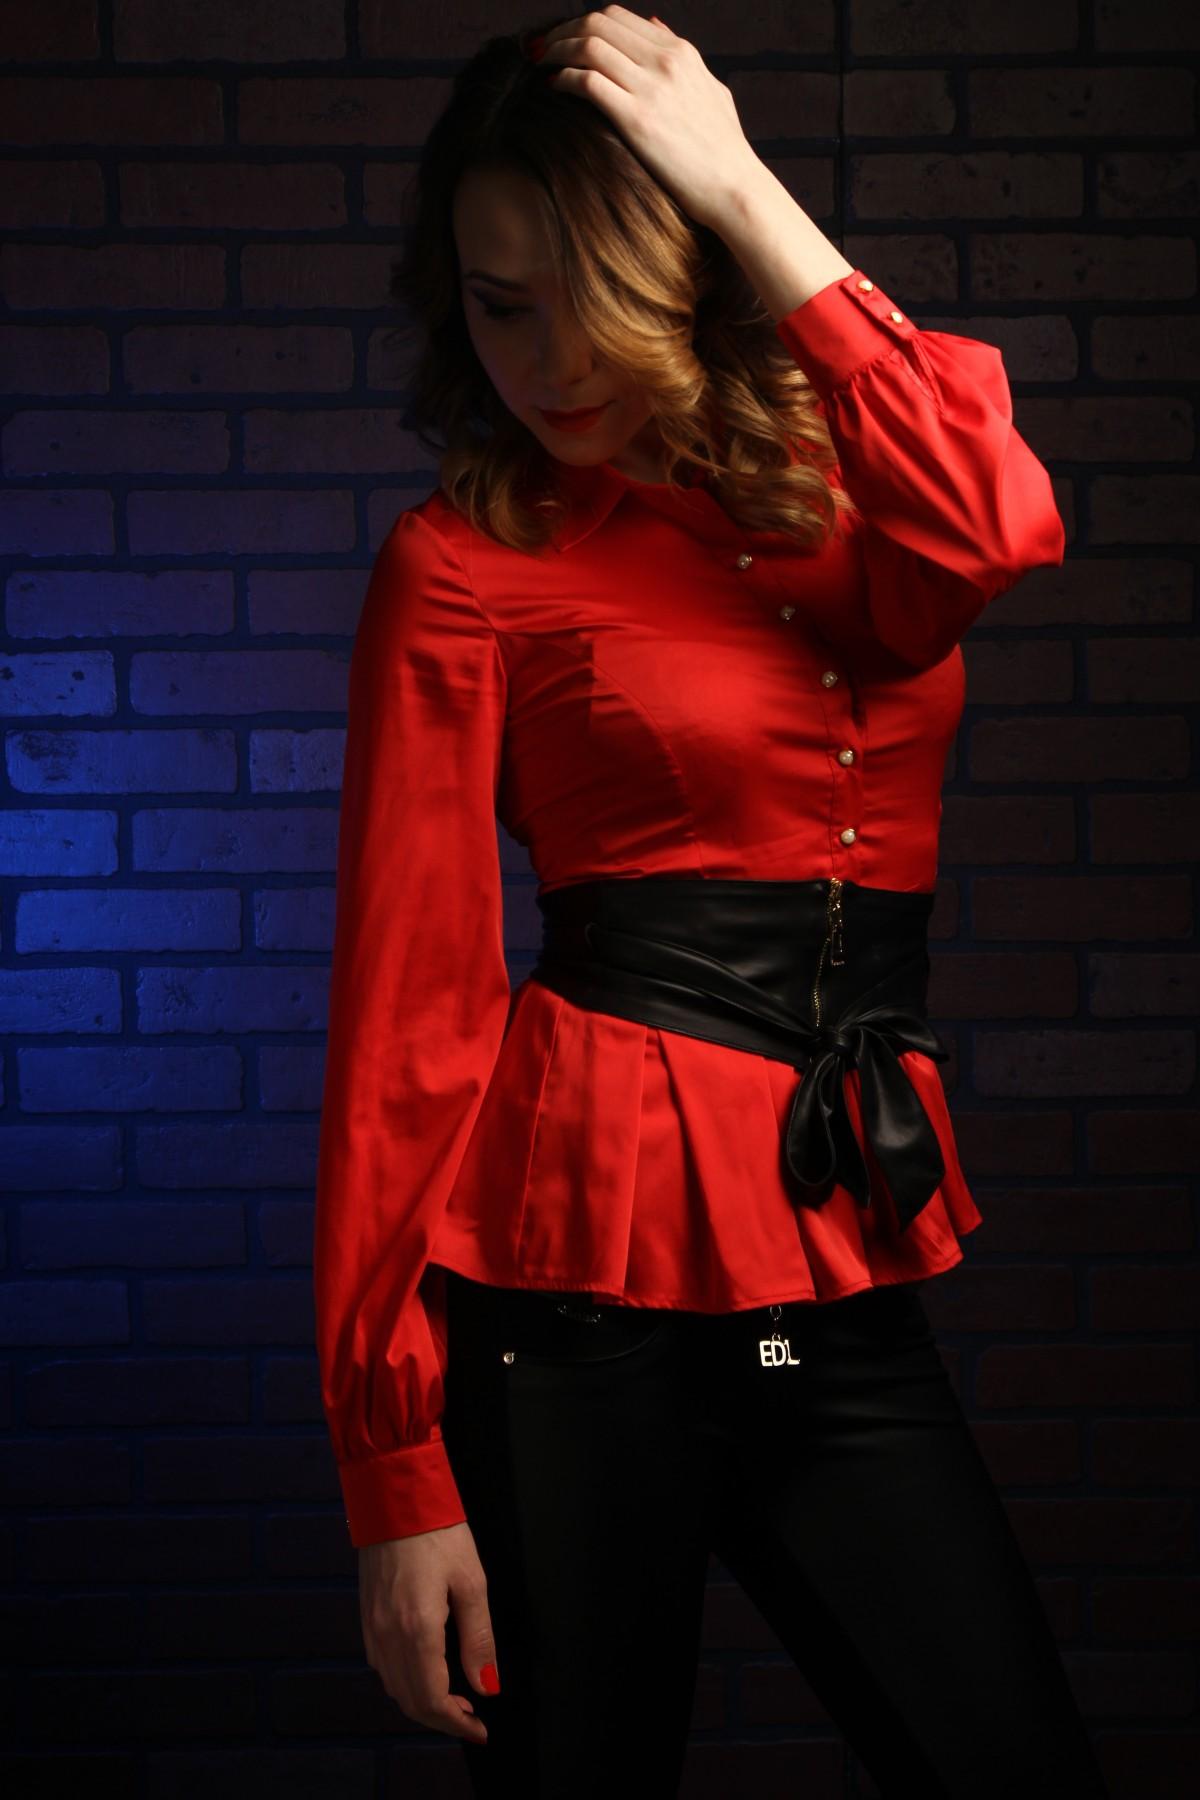 39292dd54197 flicka kvinna läder- modell röd mode Kläder svart lady textil- flickor  klänning kvinnor händer